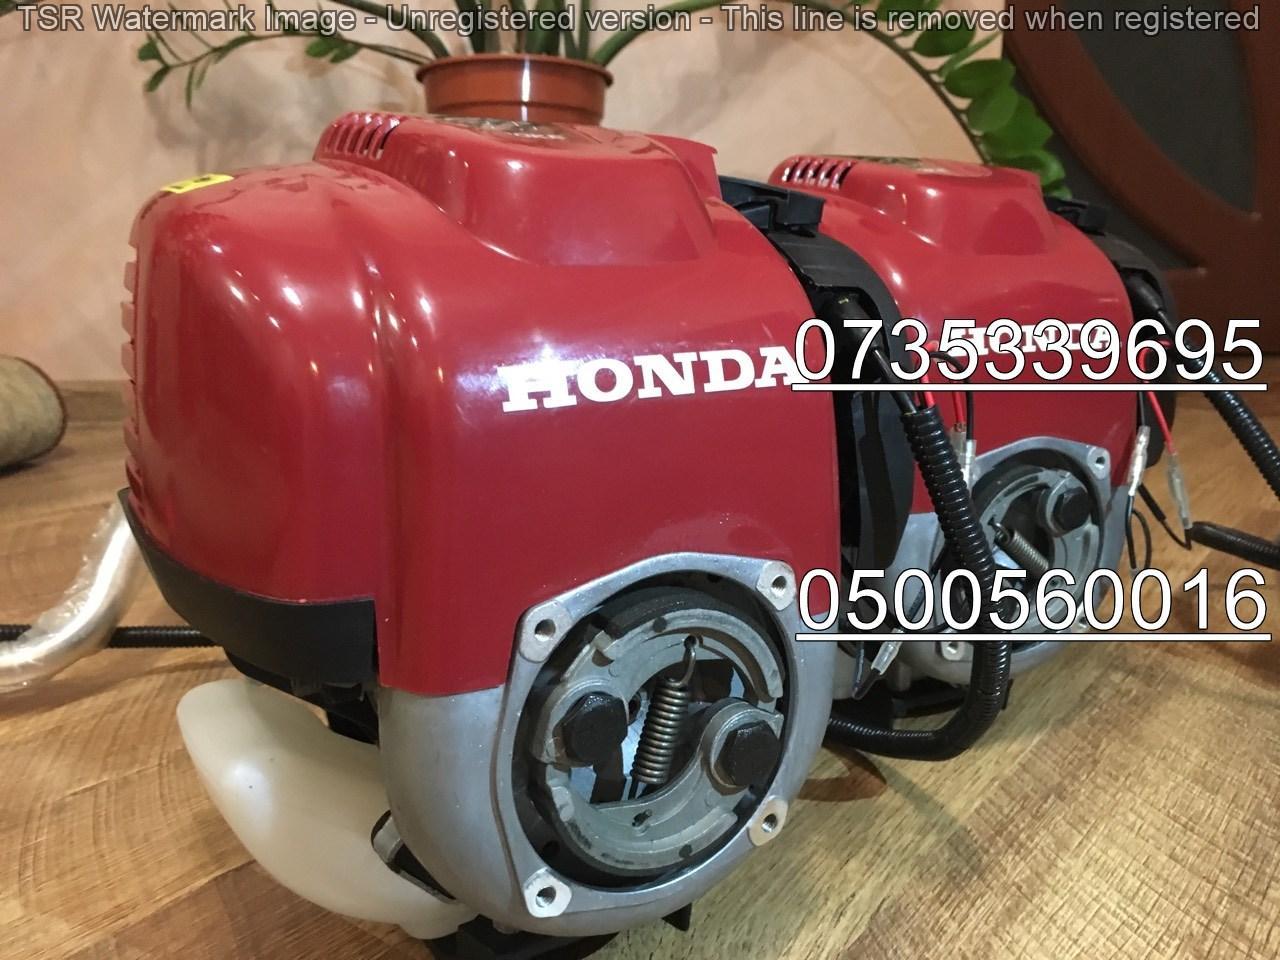 Мотокоса HONDA GX35 (3,5 кВт, 4-х тактный двигатель) Бензокоса Мотокос 3